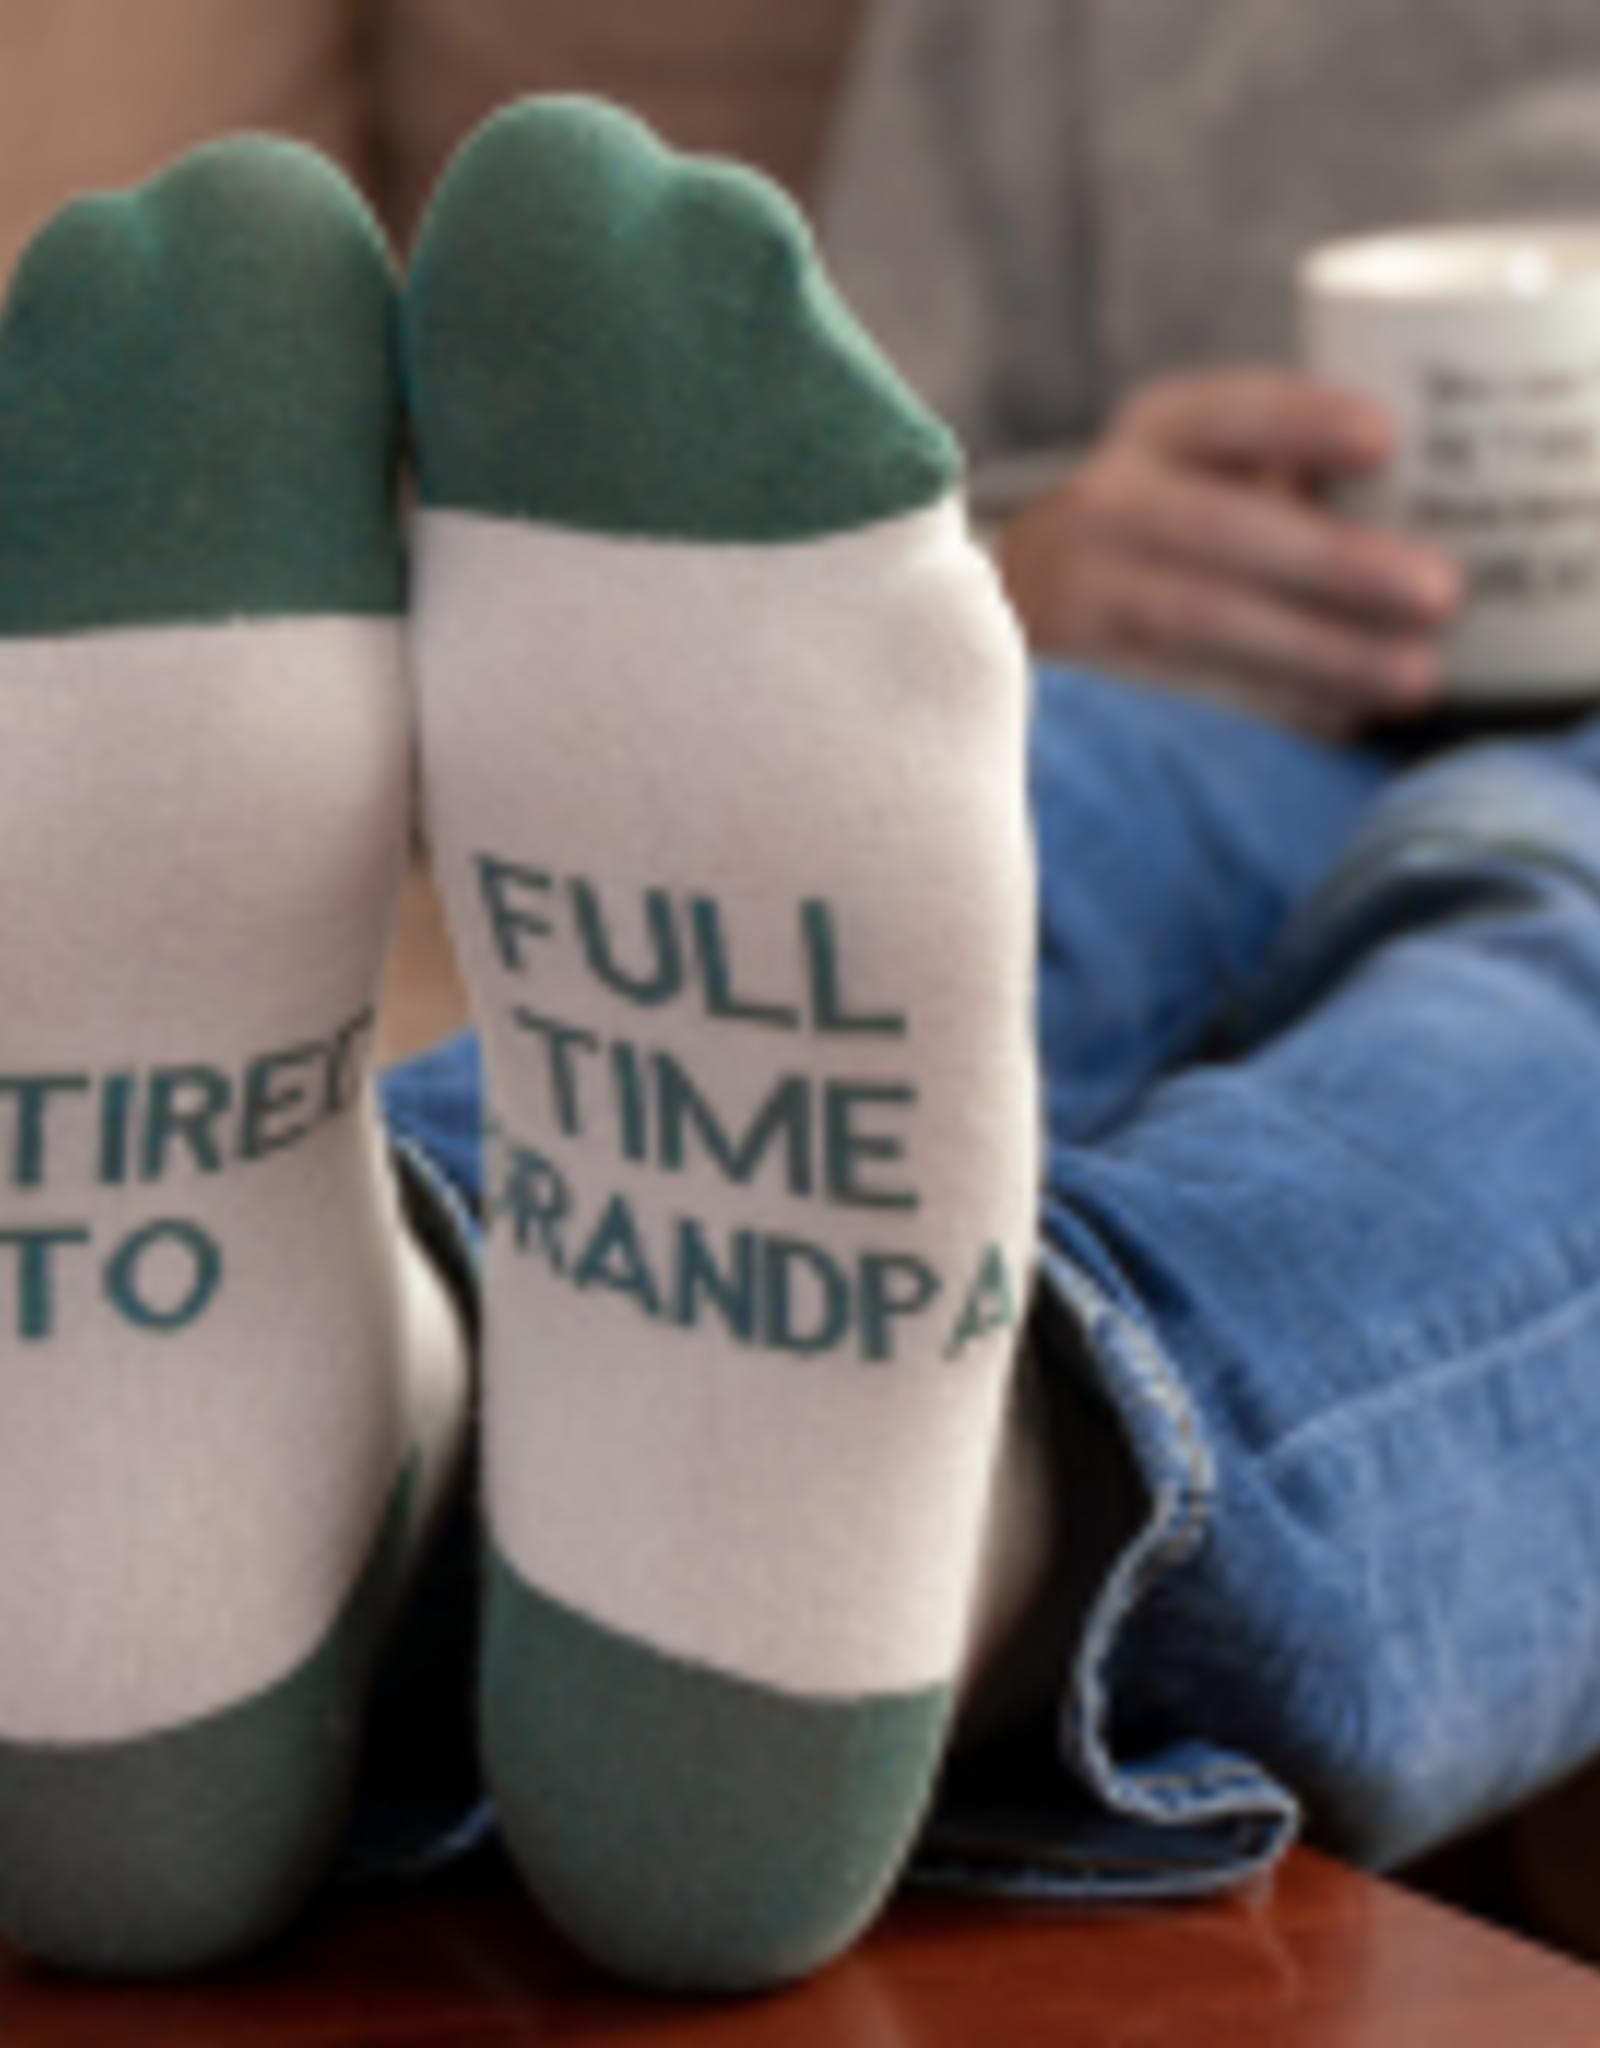 PAVILION Retired To Full Time Grandpa Socks